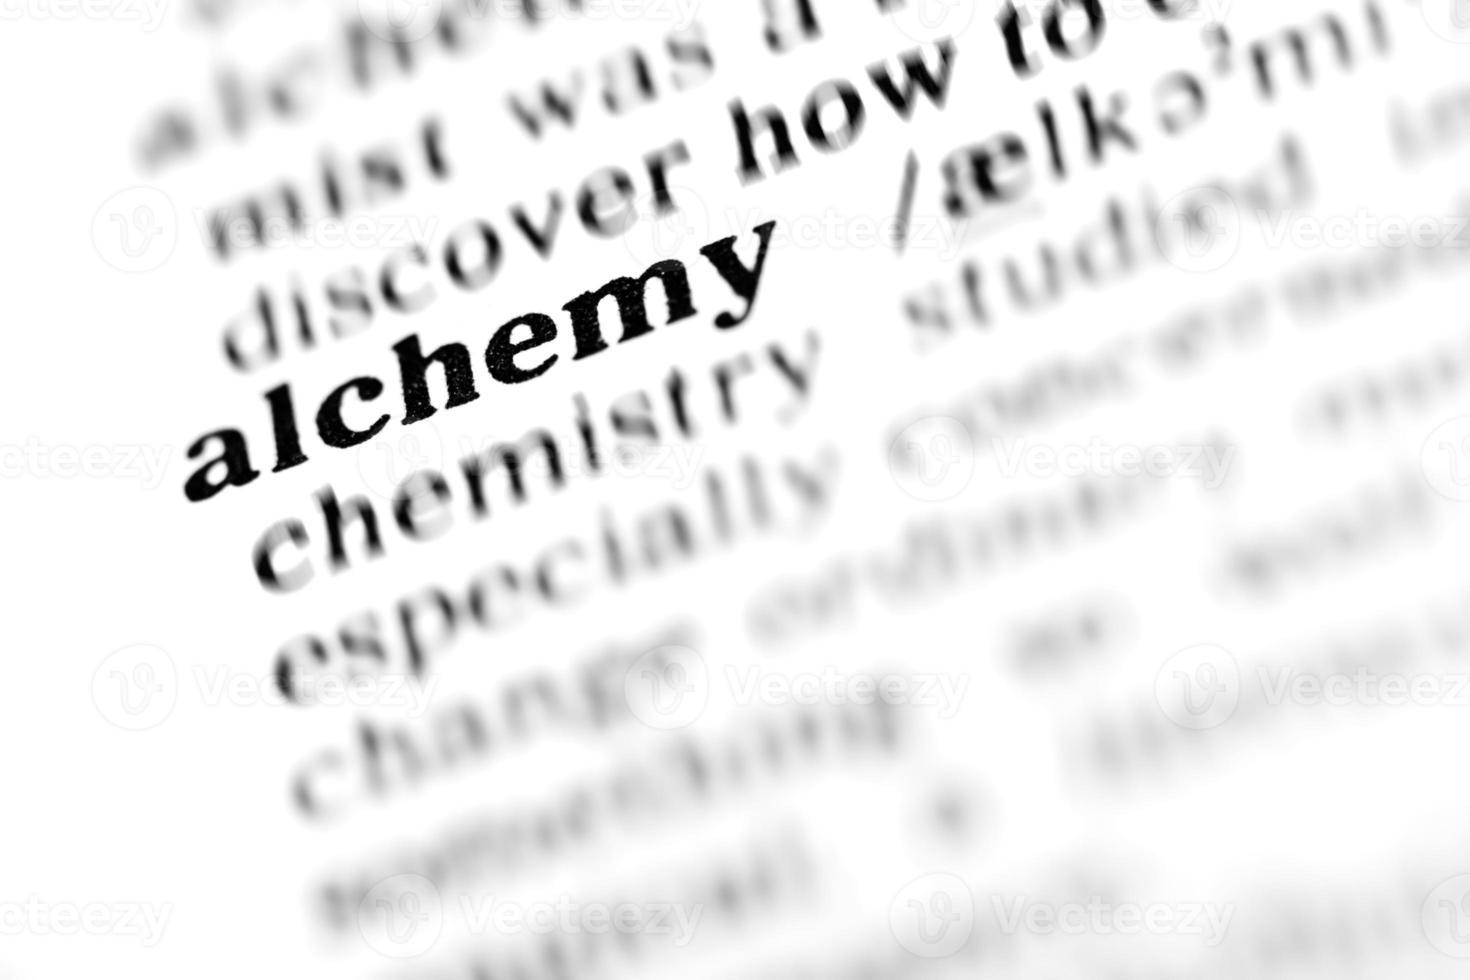 alquimia (el proyecto de diccionario) foto